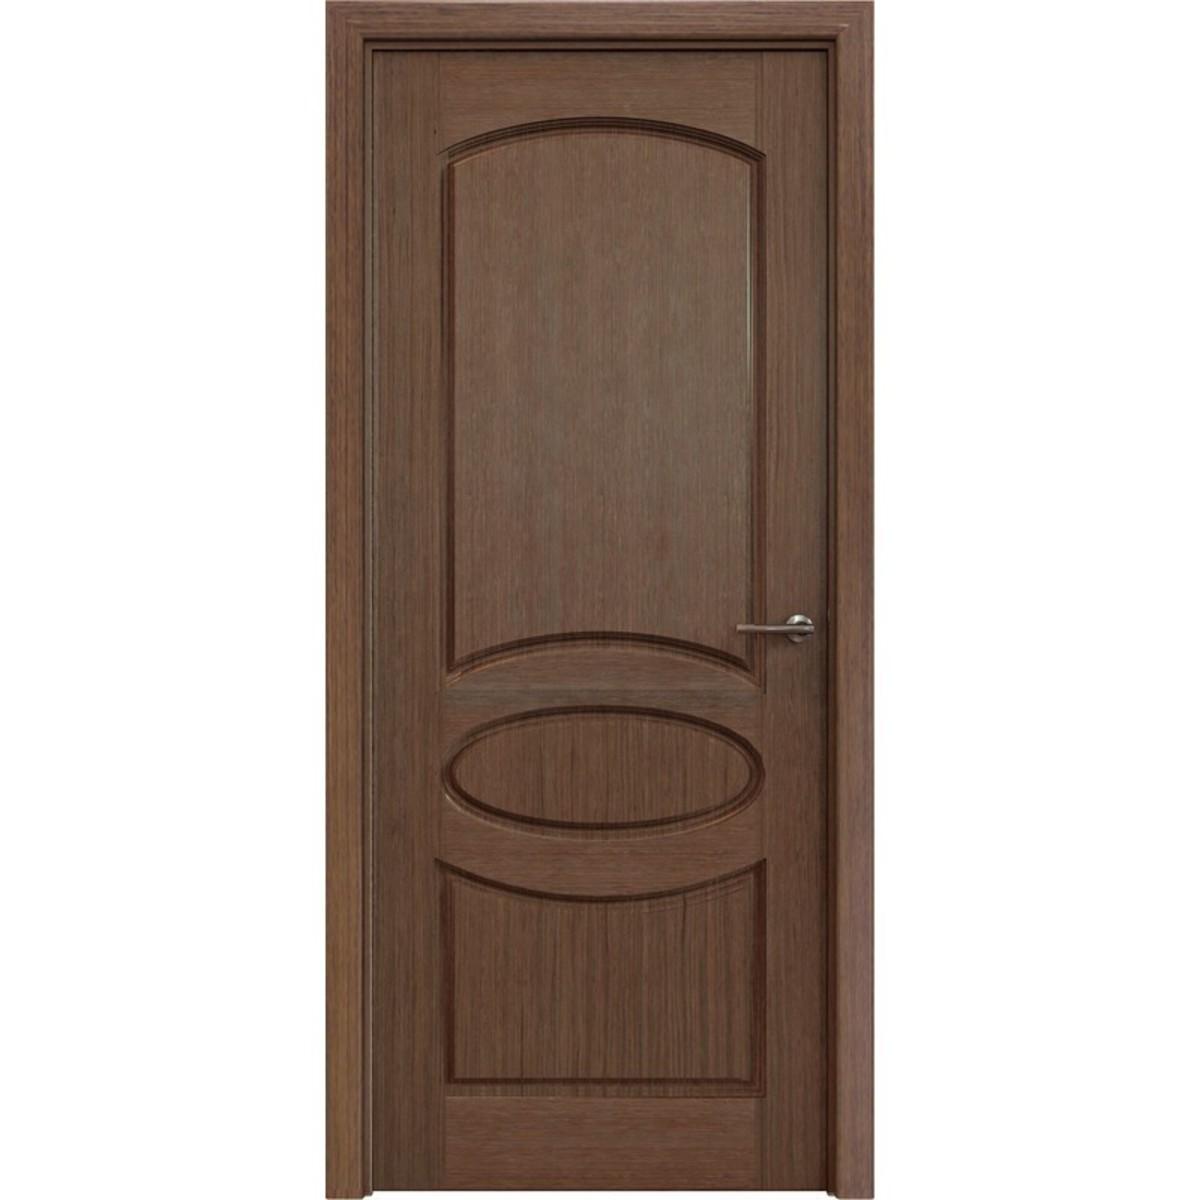 Дверь Межкомнатная Глухая Классика 80x200 Шпон Цвет Орех